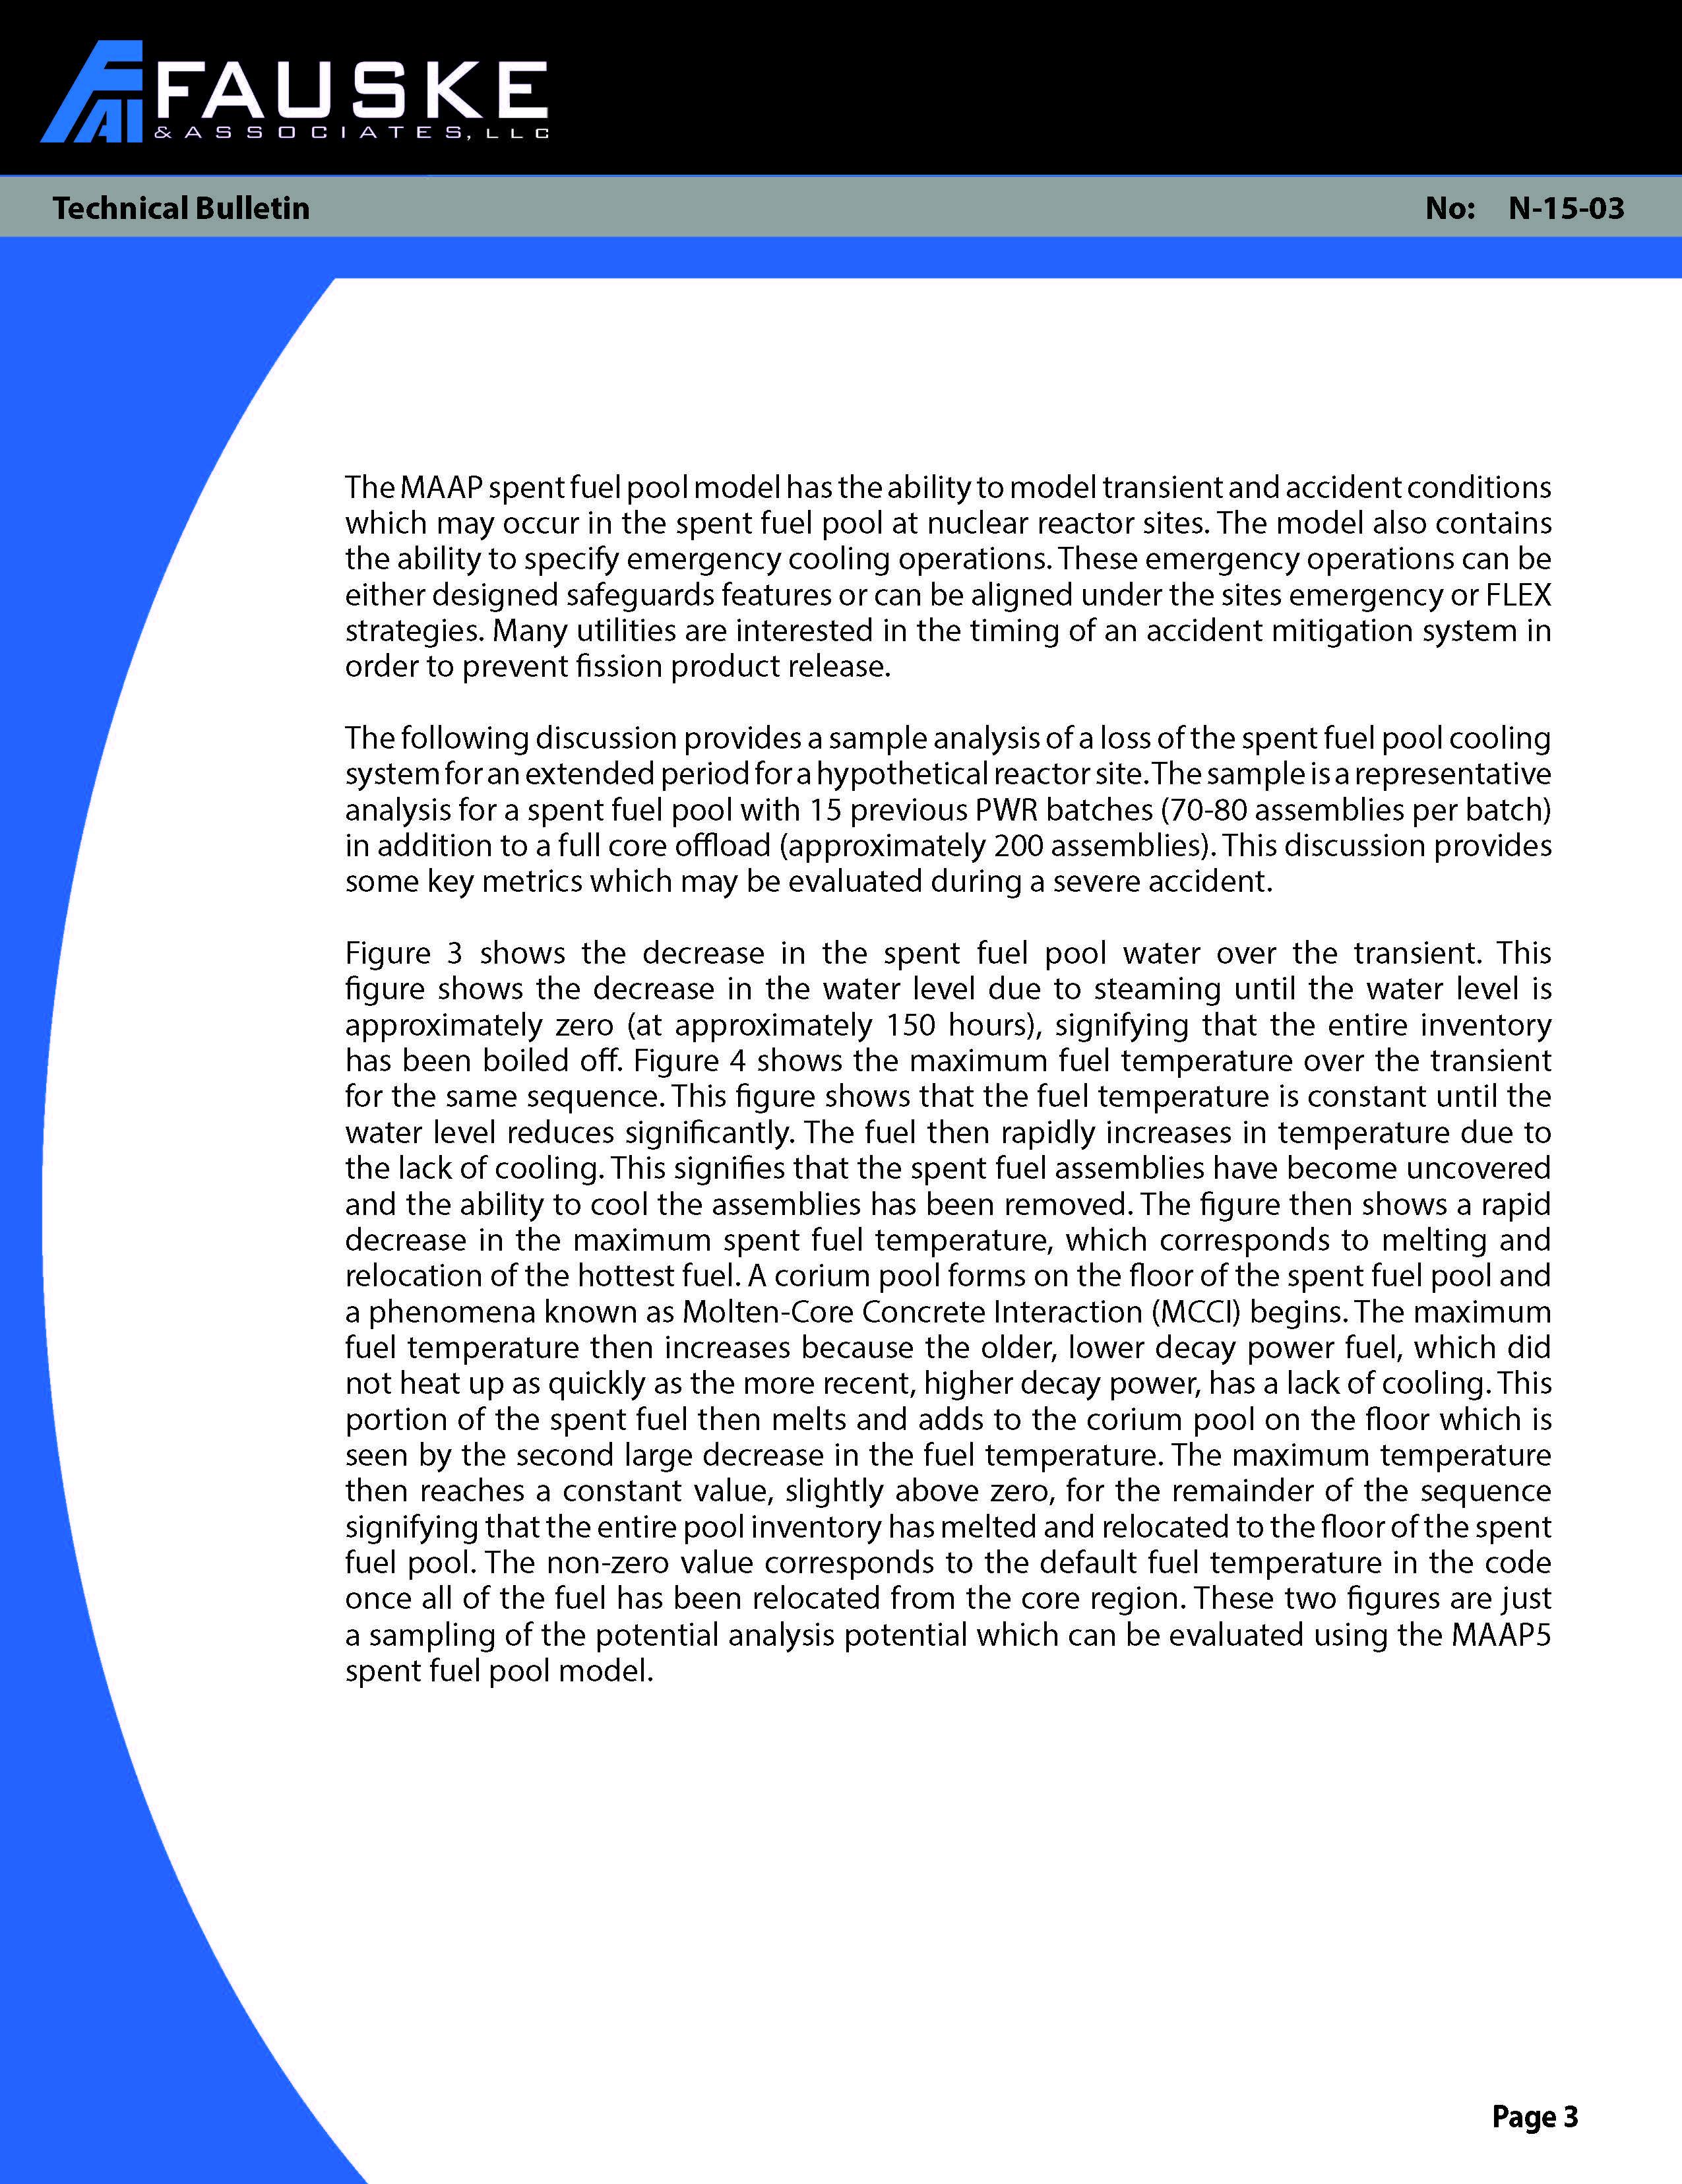 N-15-03ModelingoftheSpentFuelPoolDuringSevereAccidentsUsingtheMAAPCode_Page_3